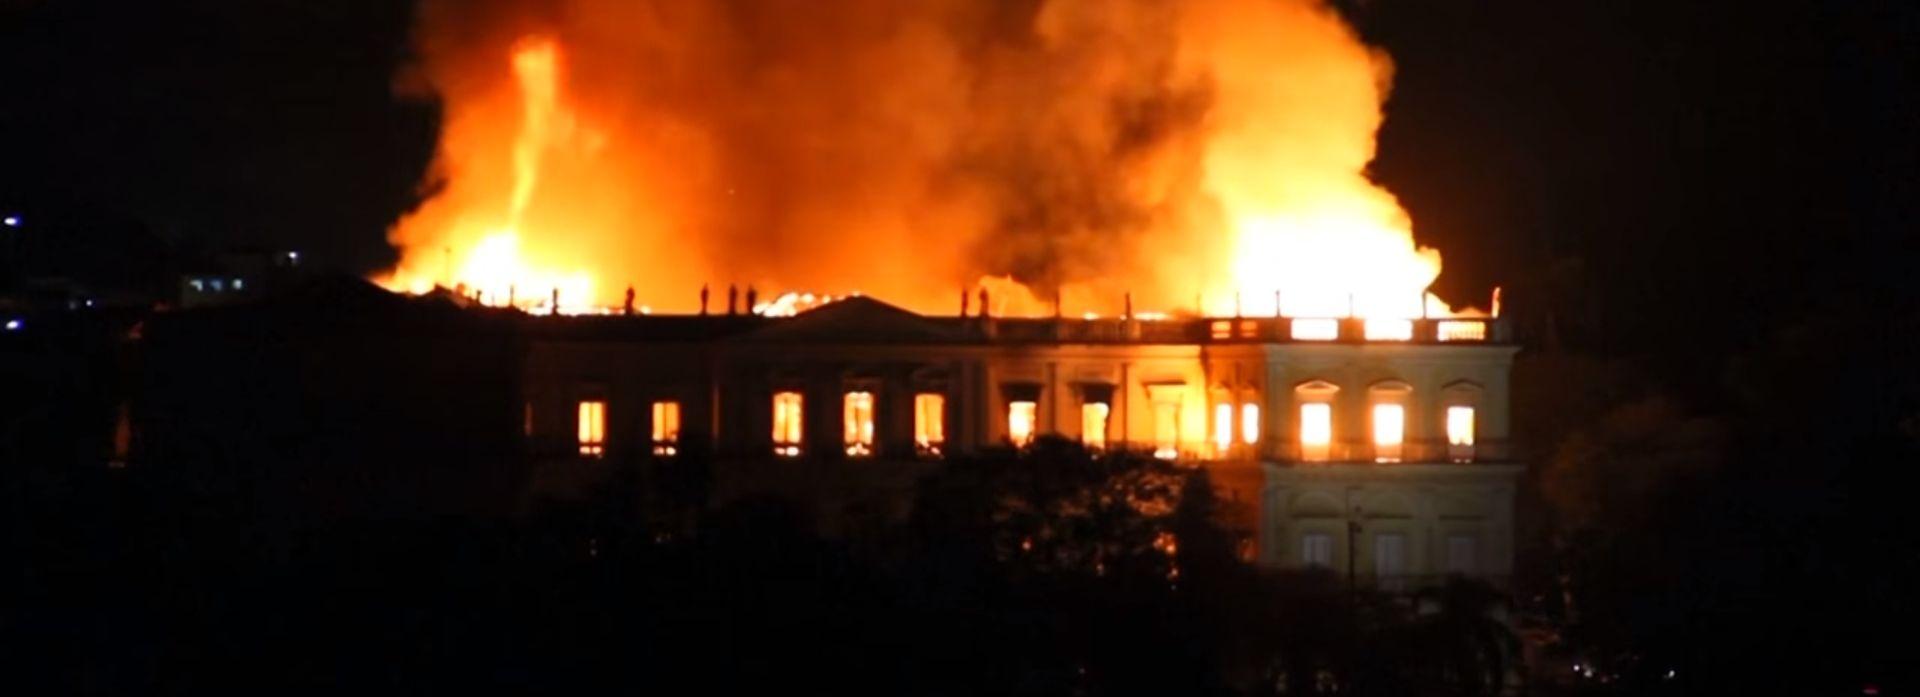 VIDEO: Požar u Rio de Janeiru uništio Nacionalni muzej